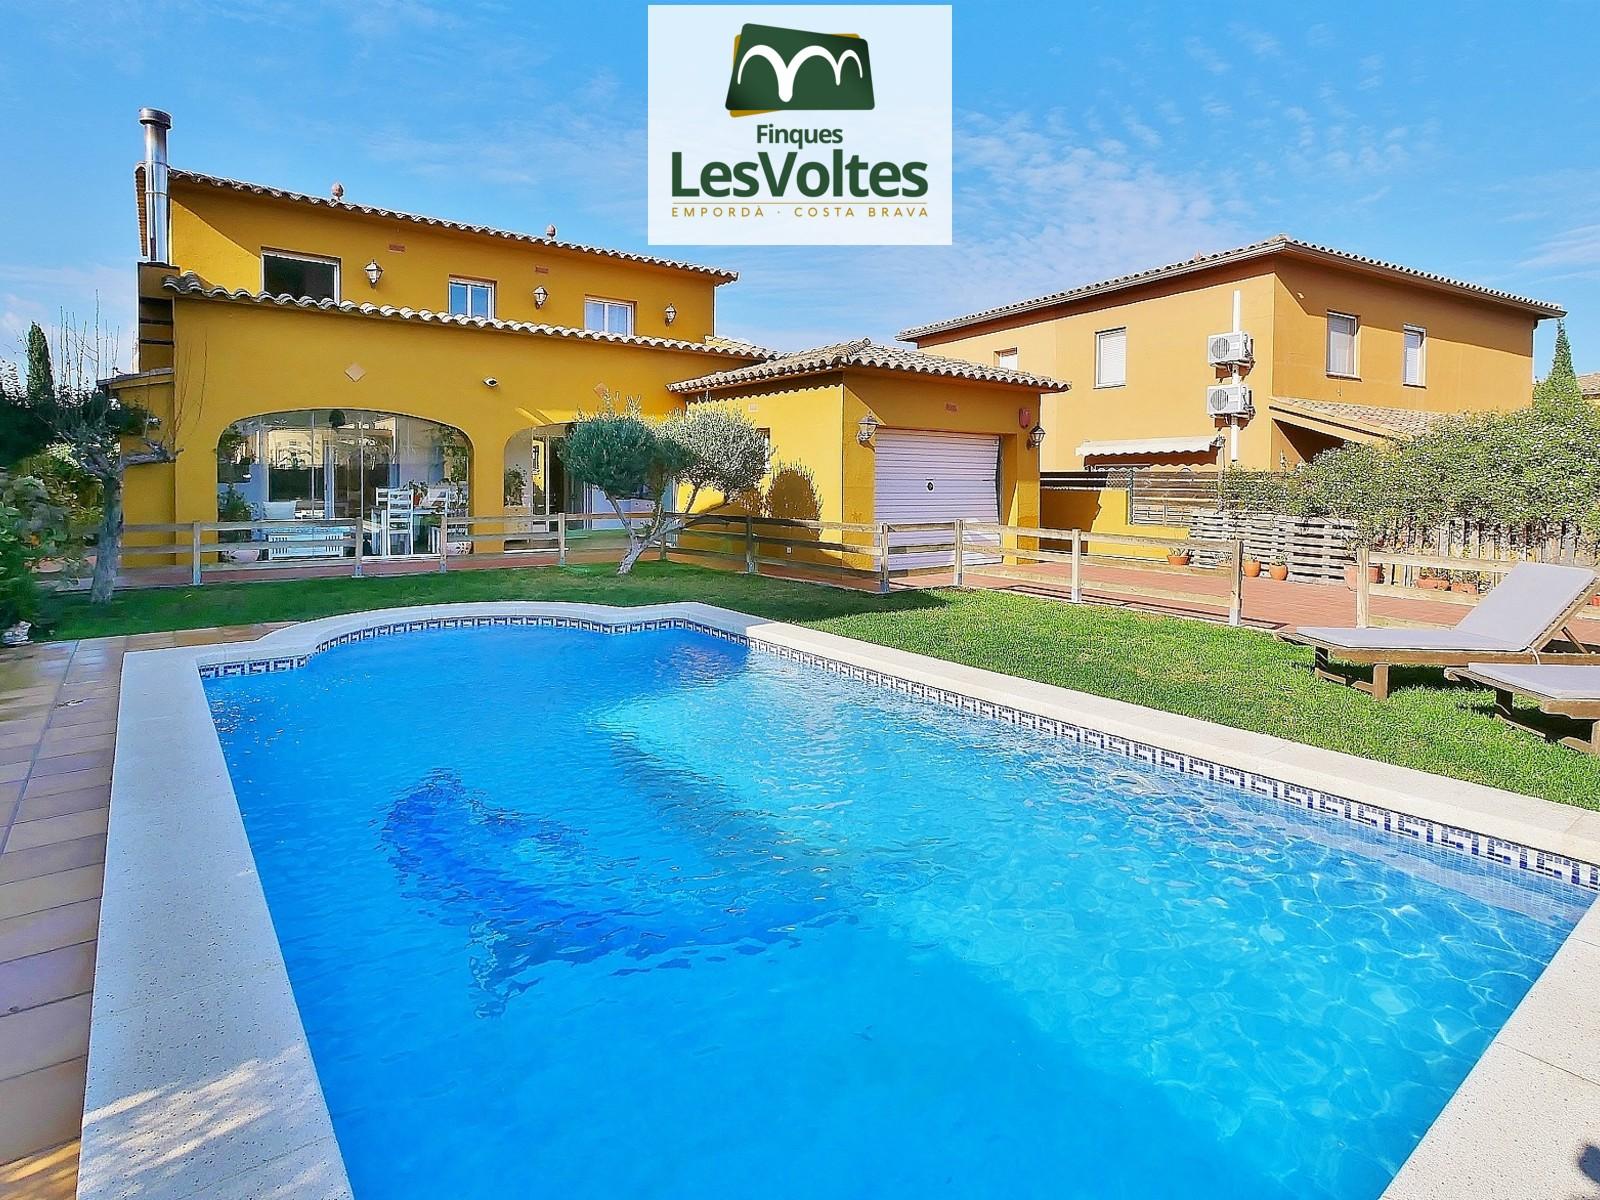 Magnífica casa unifamiliar amb jardí i piscina en venda al poble d'Esclanyà, situada en entorn tranquil i ben comunicat.